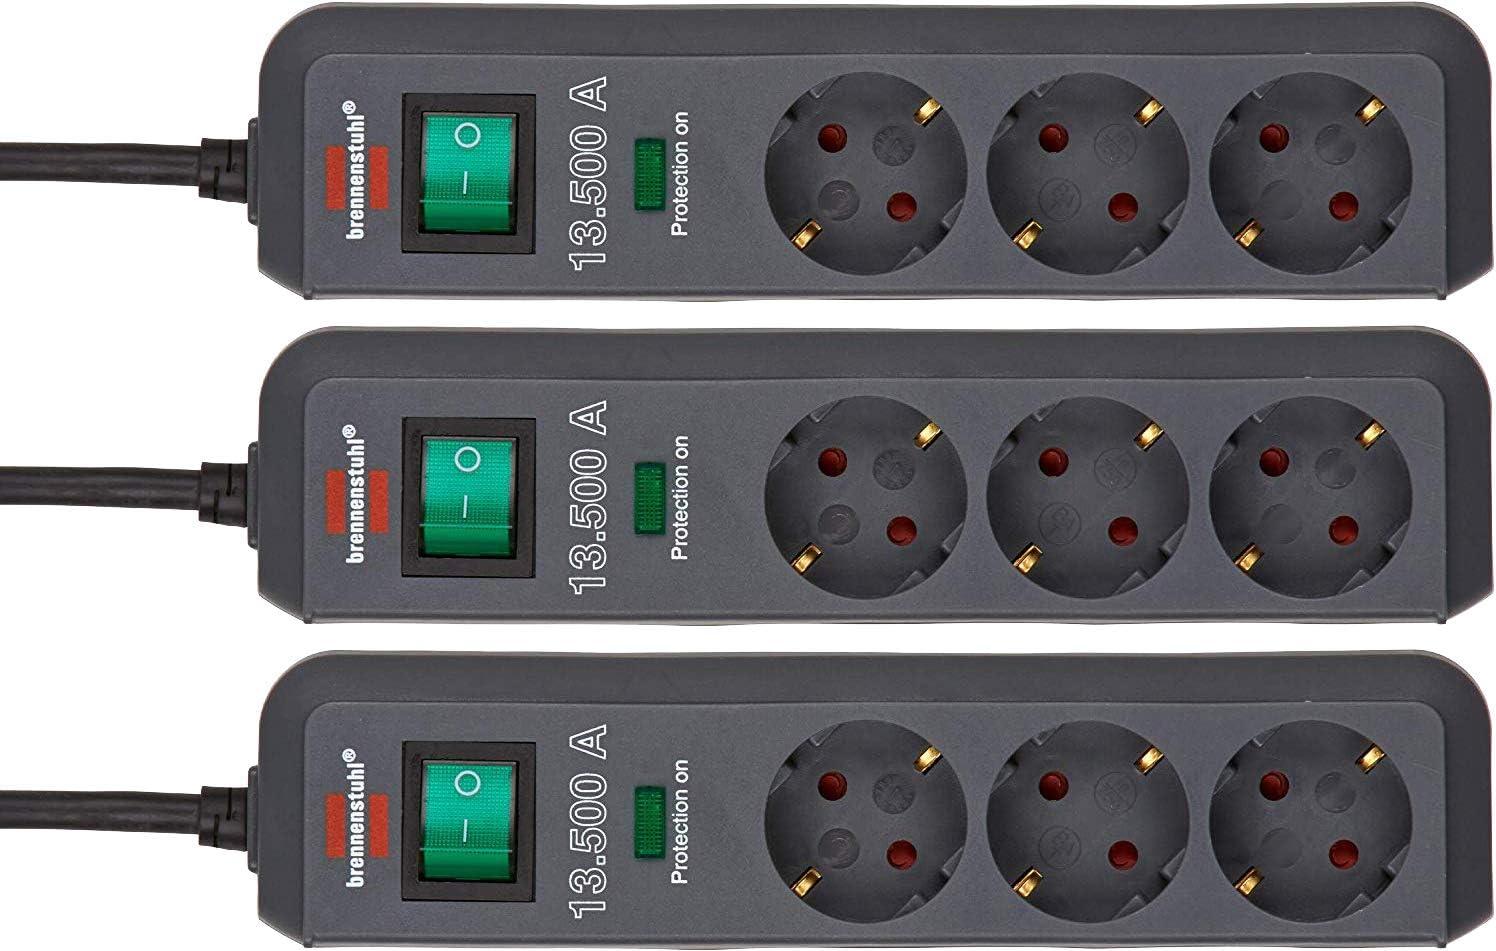 3er Pack Brennenstuhl Eco Line Steckdosenleiste 3 Fach Mit Überspannungsschutz Mit Schalter Und 1 5m Kabel Besonders Stromsparend Farbe Anthrazit Baumarkt